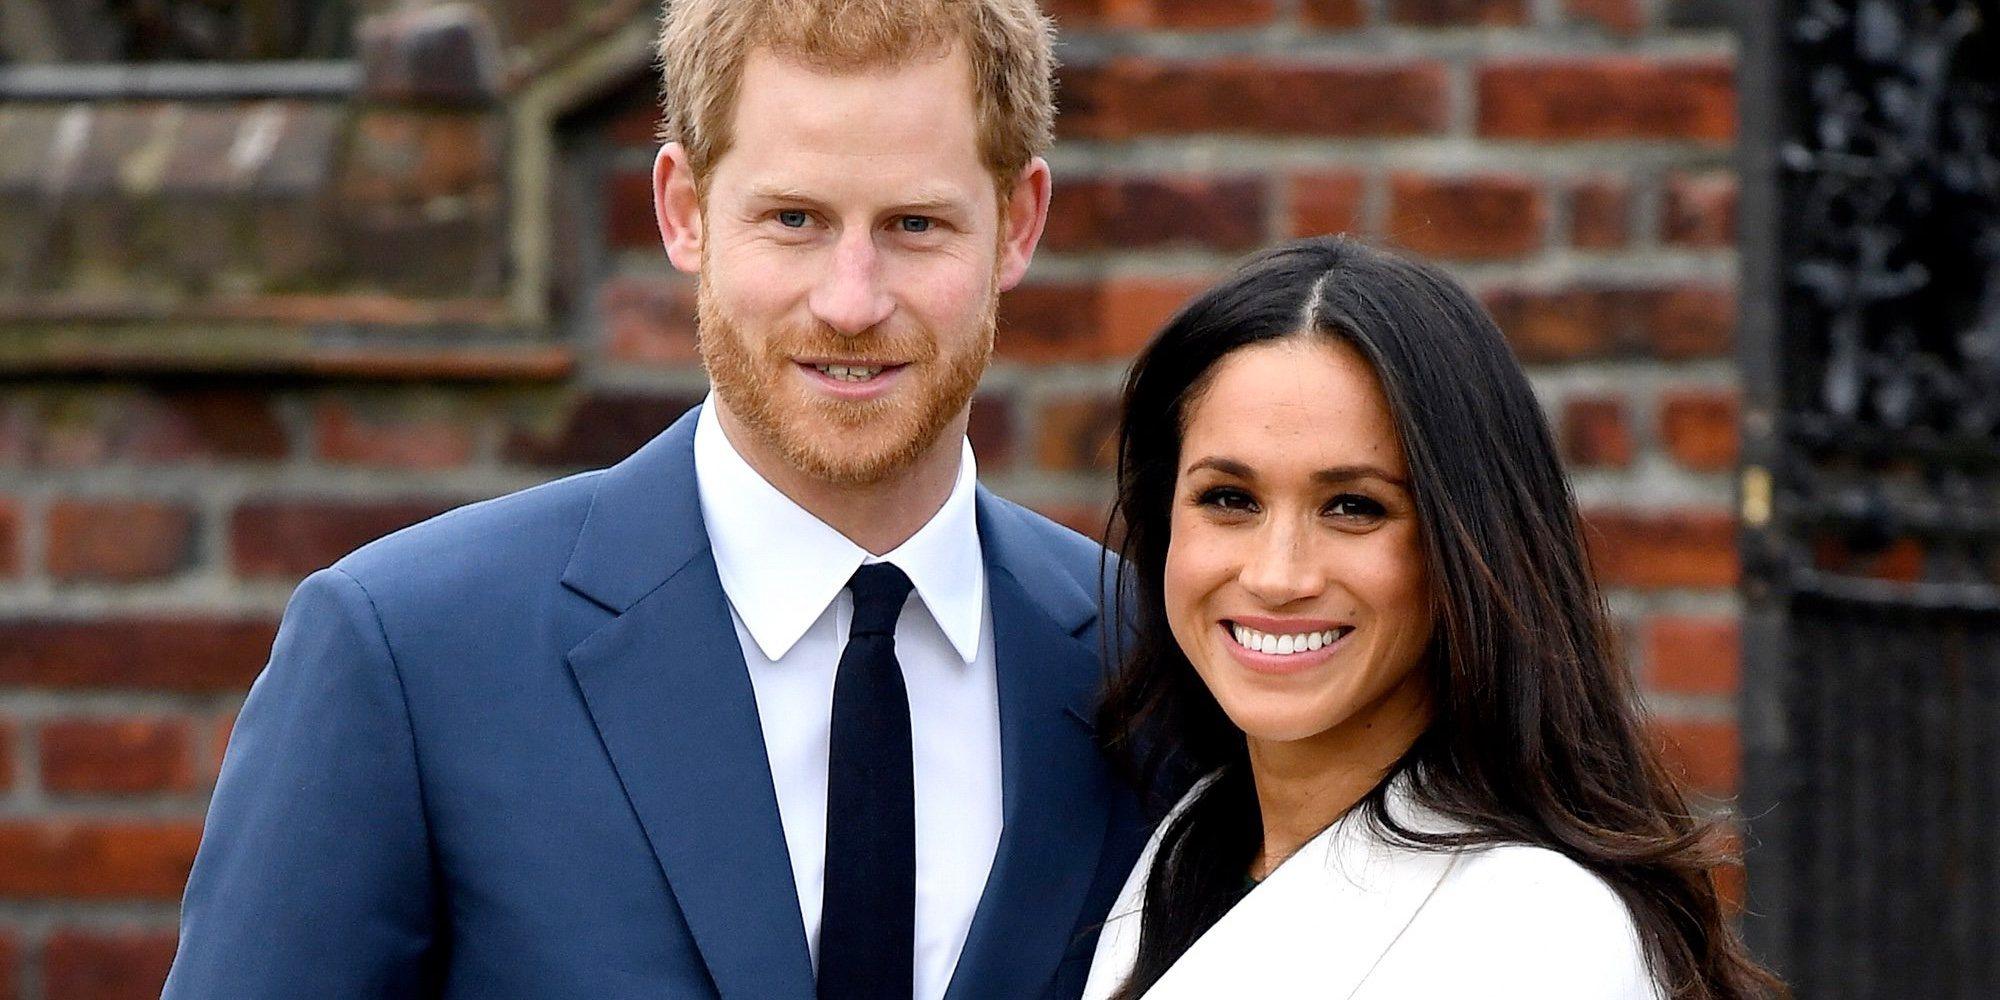 El Príncipe Harry y Meghan celebran el segundo aniversario del anuncio de su compromiso con una foto inédita